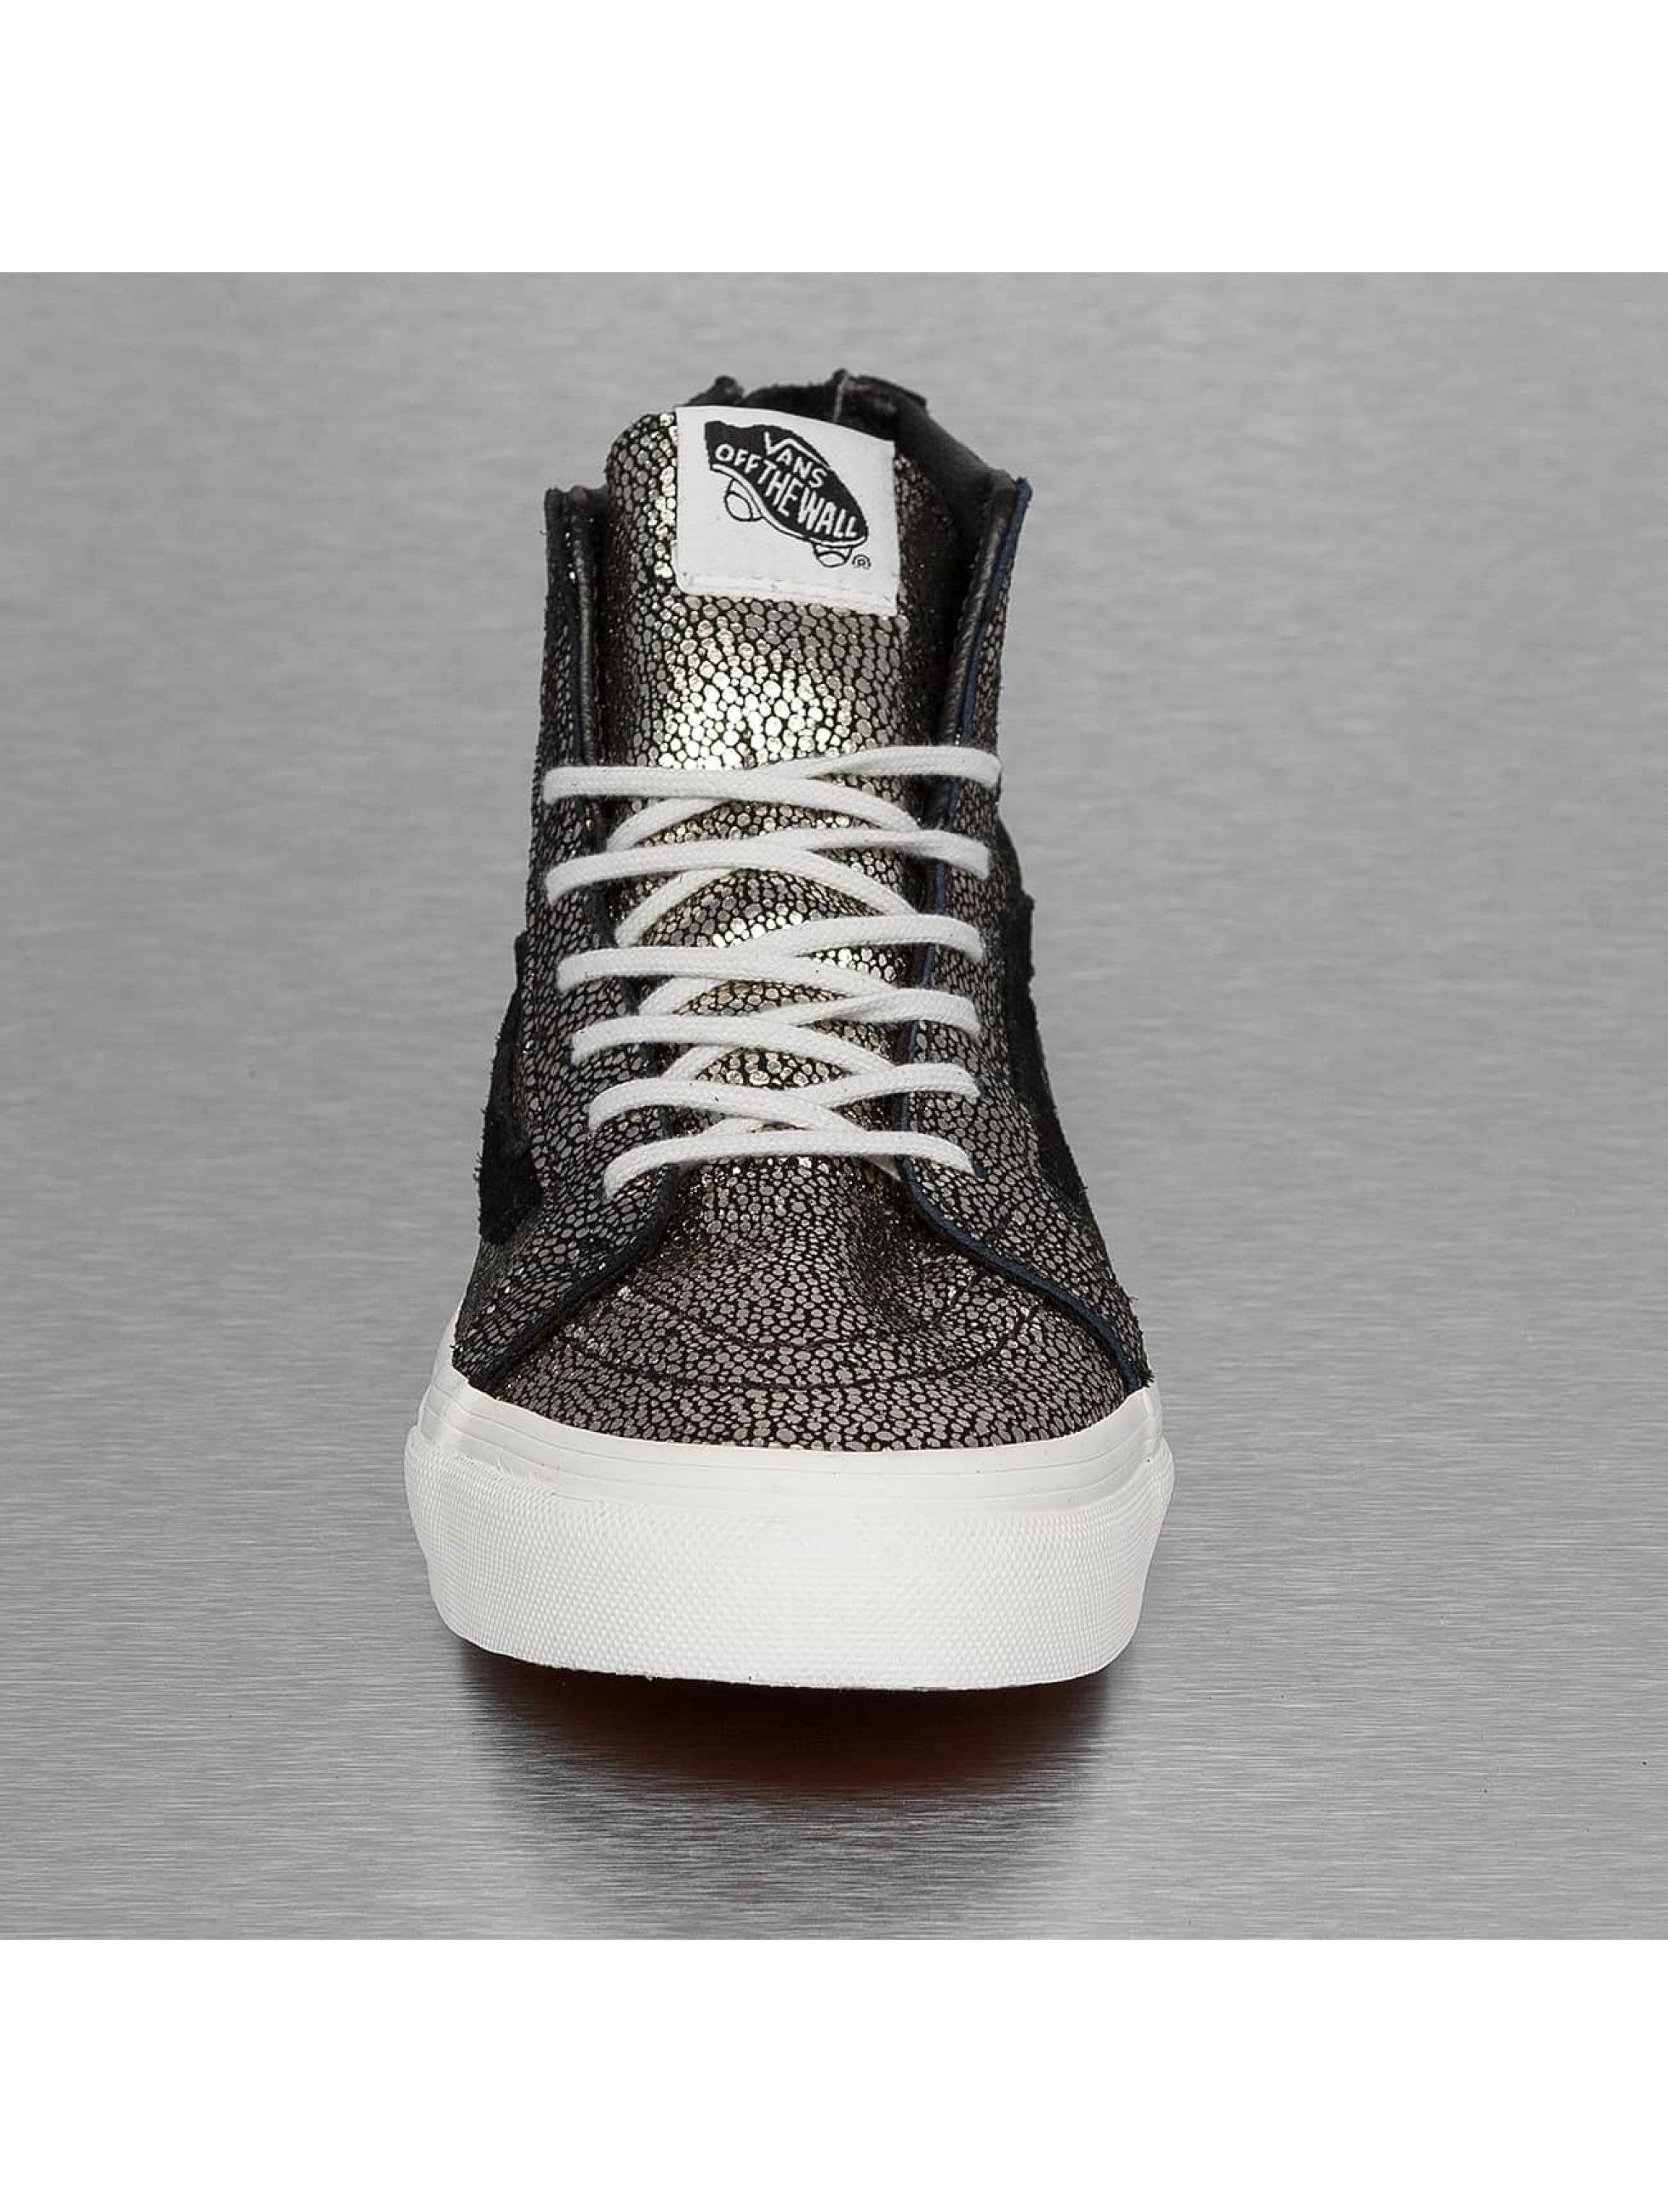 Vans Sneakers SK8-Hi Slim gold colored